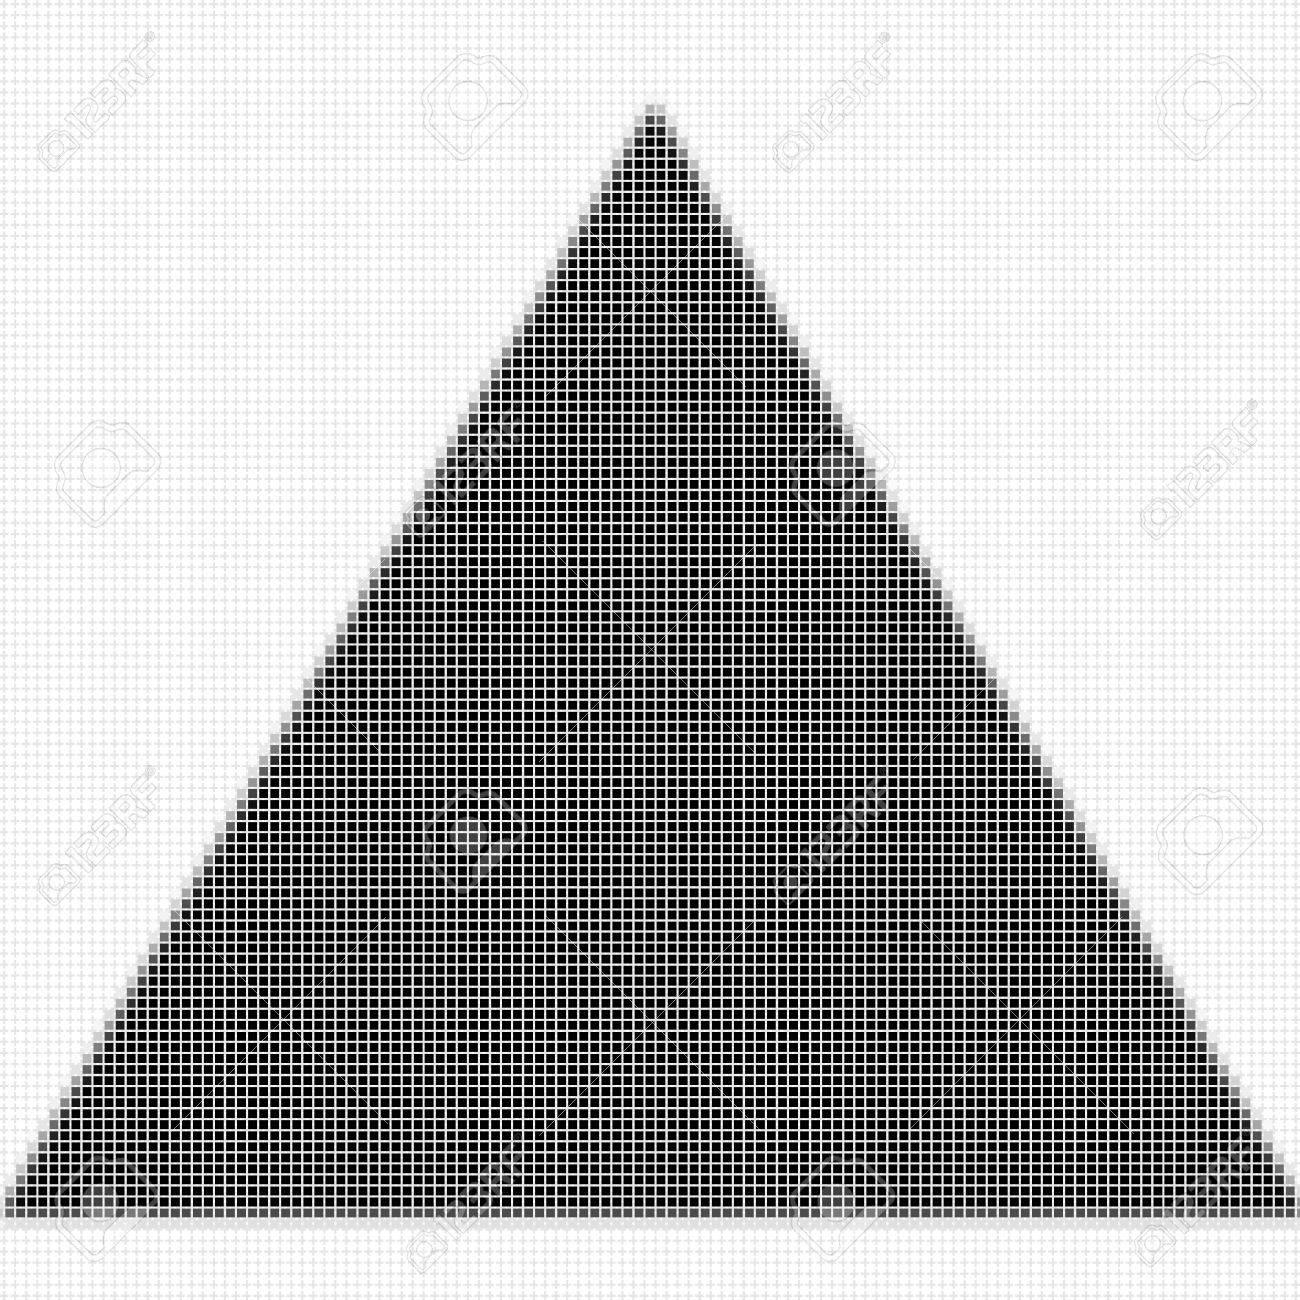 Triángulo. El Patrón Geométrica Simple De Cuadrados De Color Negro ...